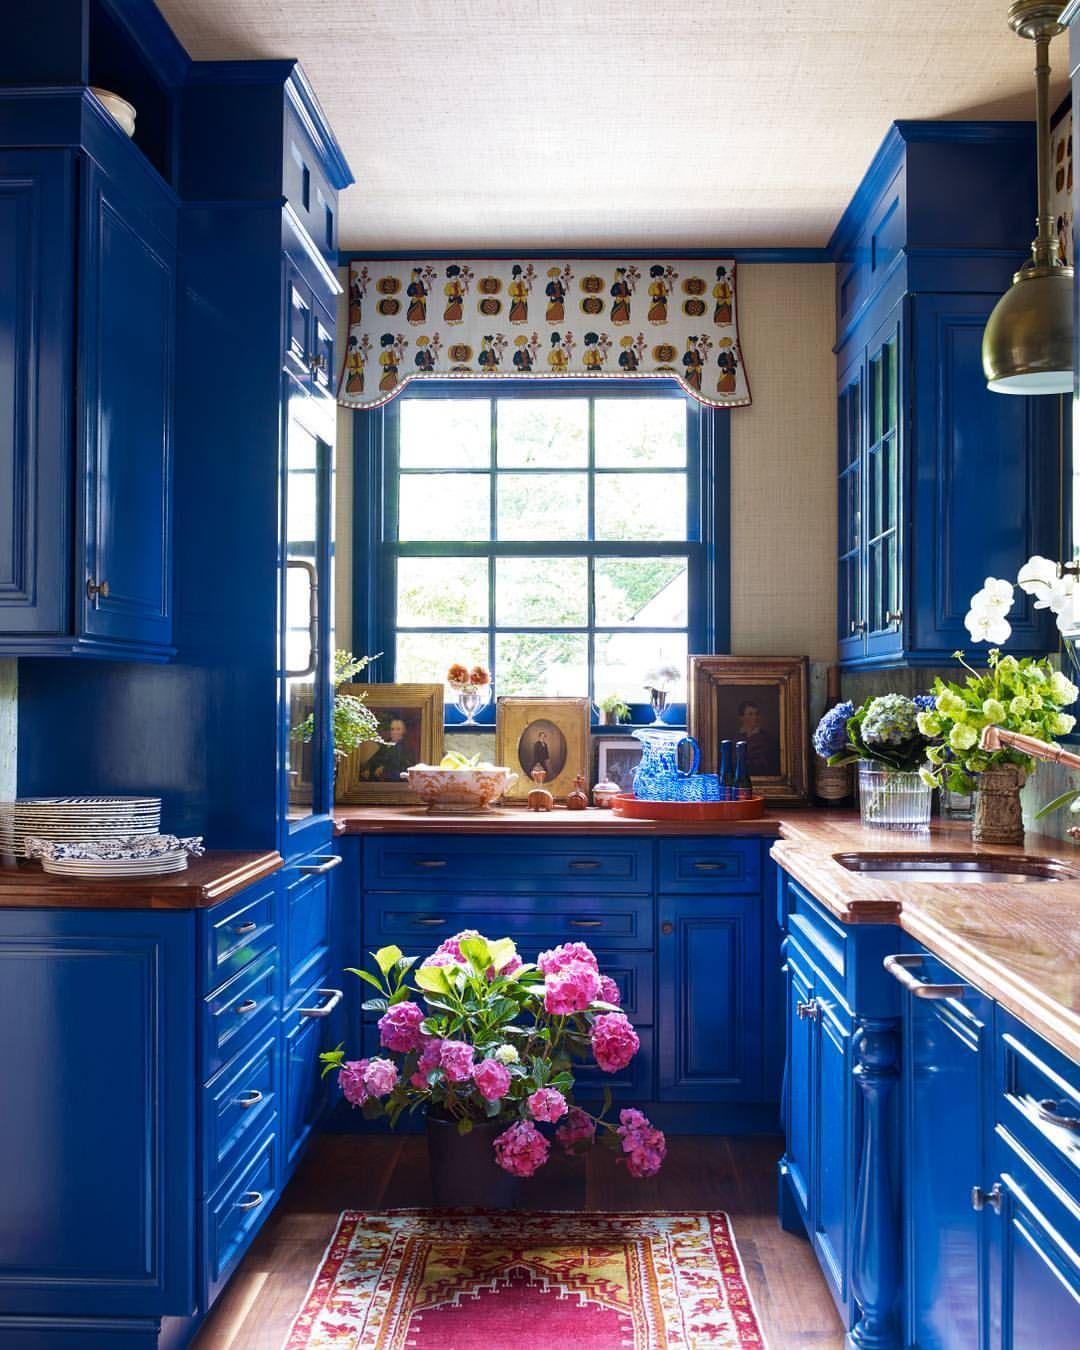 Pin by Suzy Kelly on Kitchens II | Pinterest | Veranda magazine ...